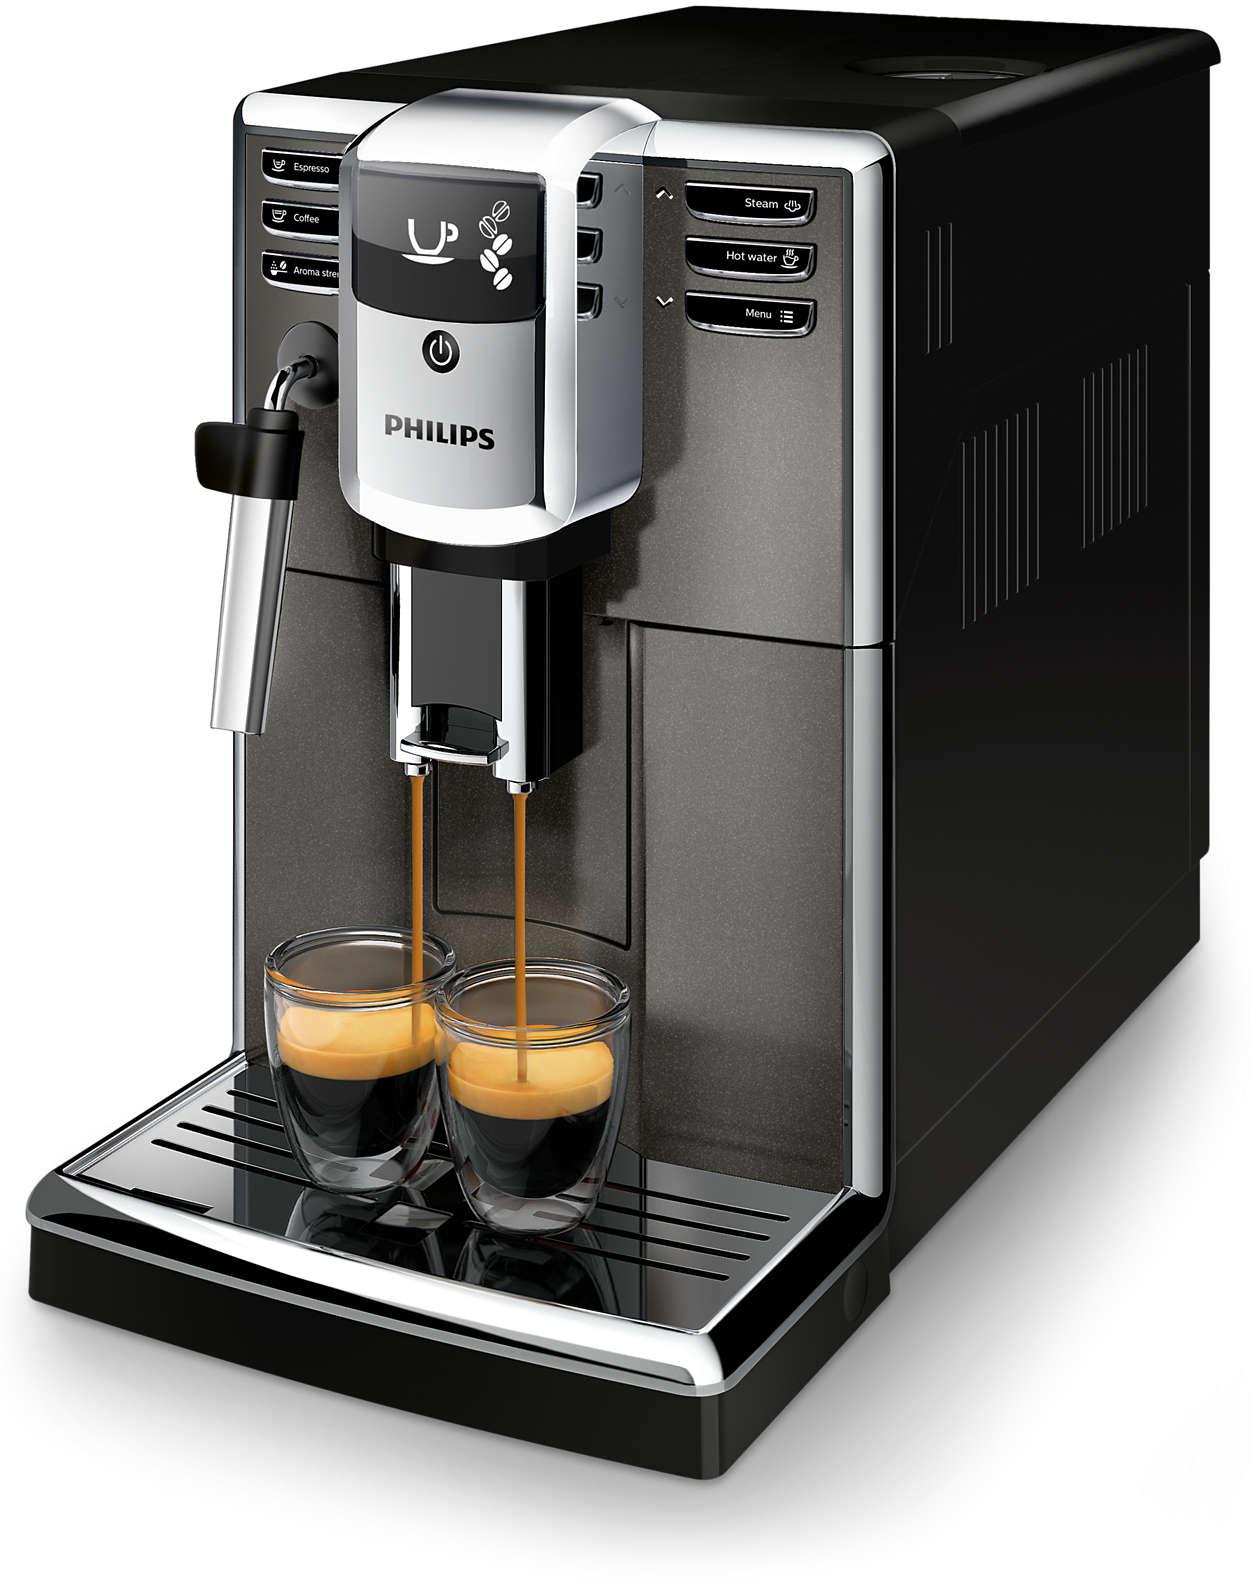 Tre kaffevarianter med ferske bønner